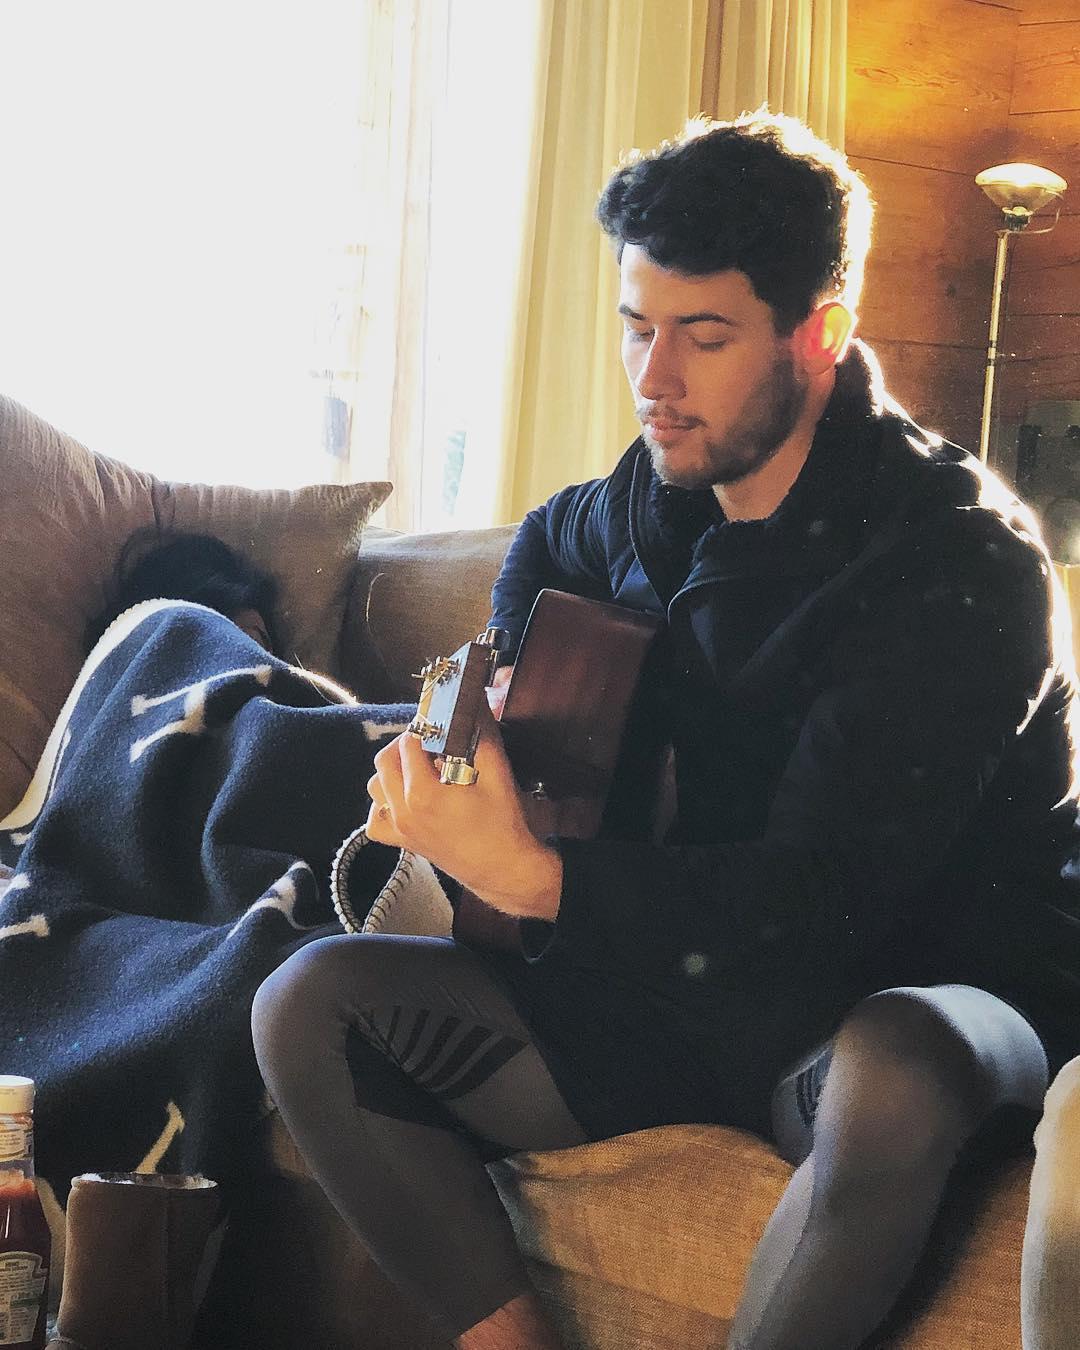 ये देखिए ये है वो तस्वीर जो फिलहाल हर तरफ छाई हुई है. इसमें एक तरफ जहां निक जोनस गिटार बजाते नजर आ रहे हैं तो वहीं उनके साथ मौजूद प्रियंका कंबल ओढ़ कर सो रही हैं.